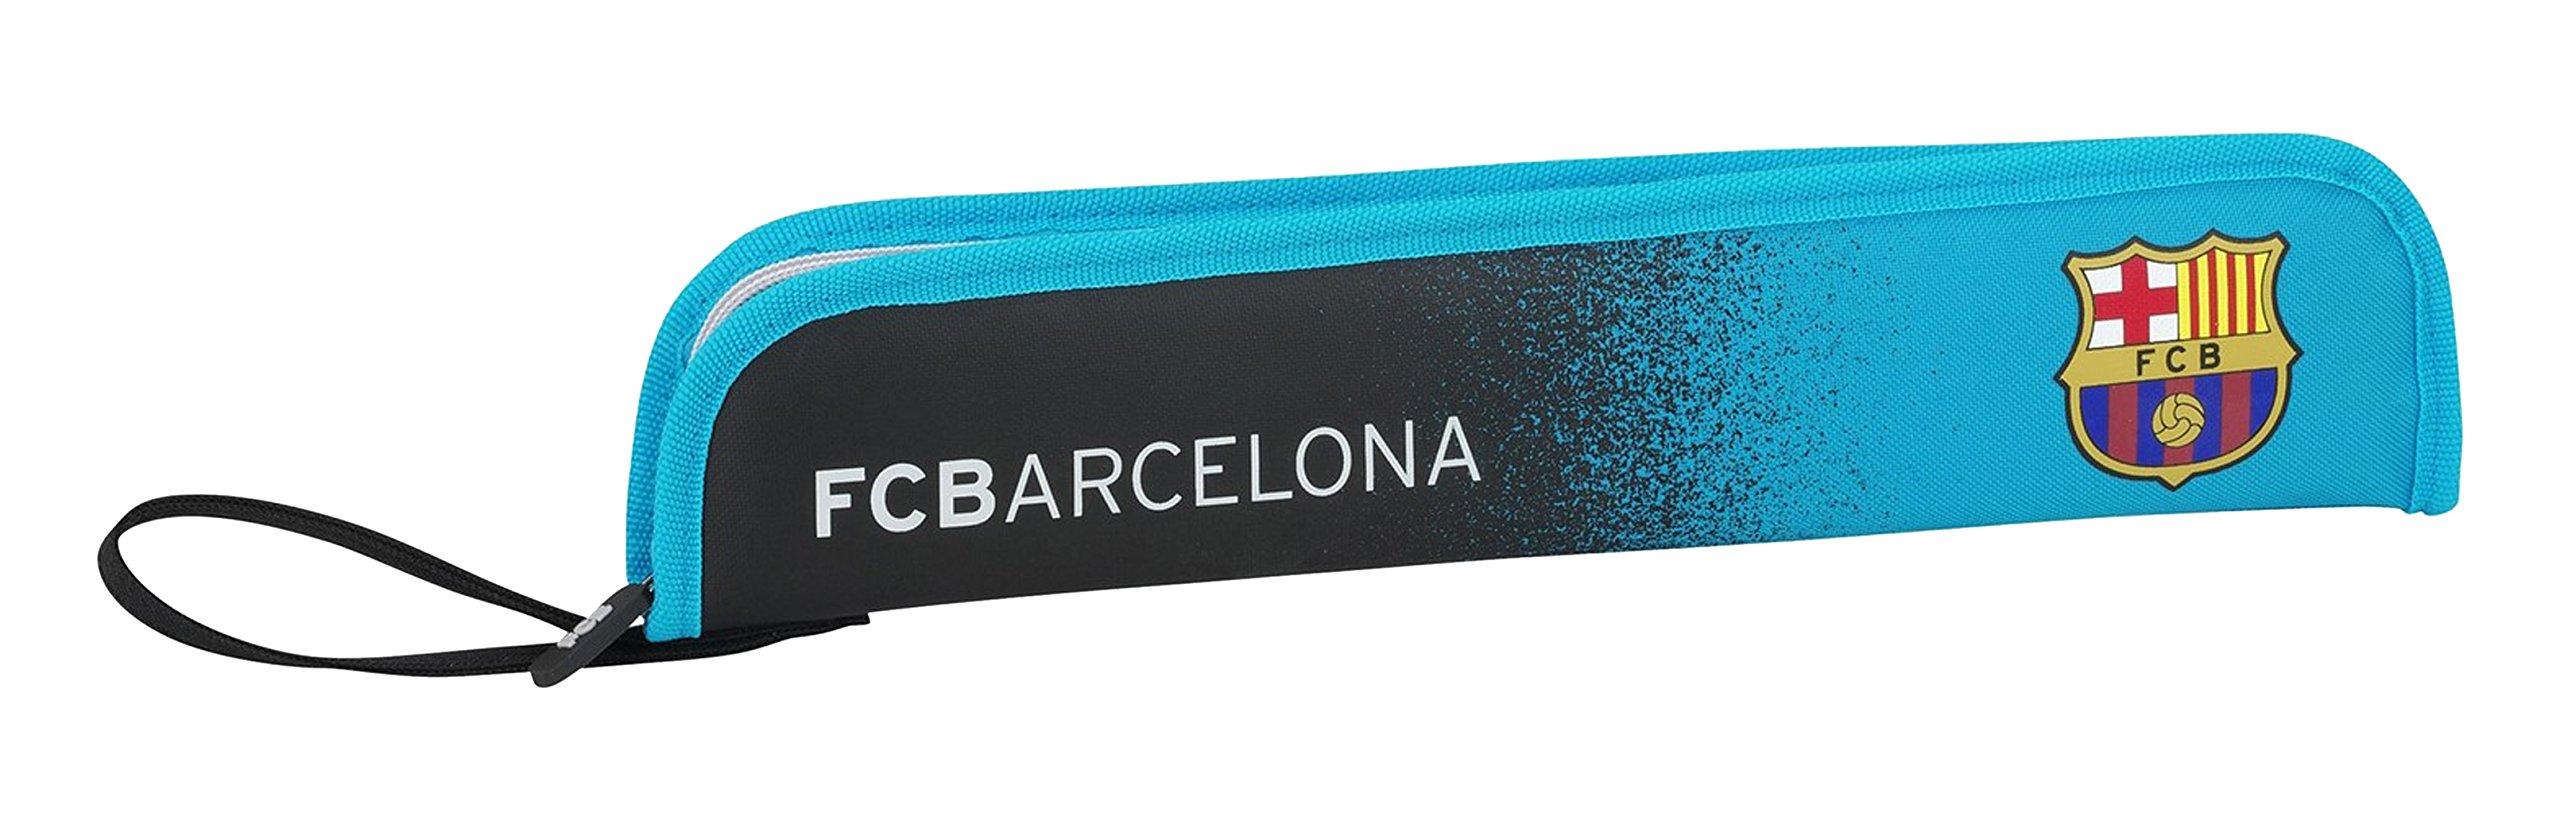 Futbol Club Barcelona Portaflautas (Safta 811627284)